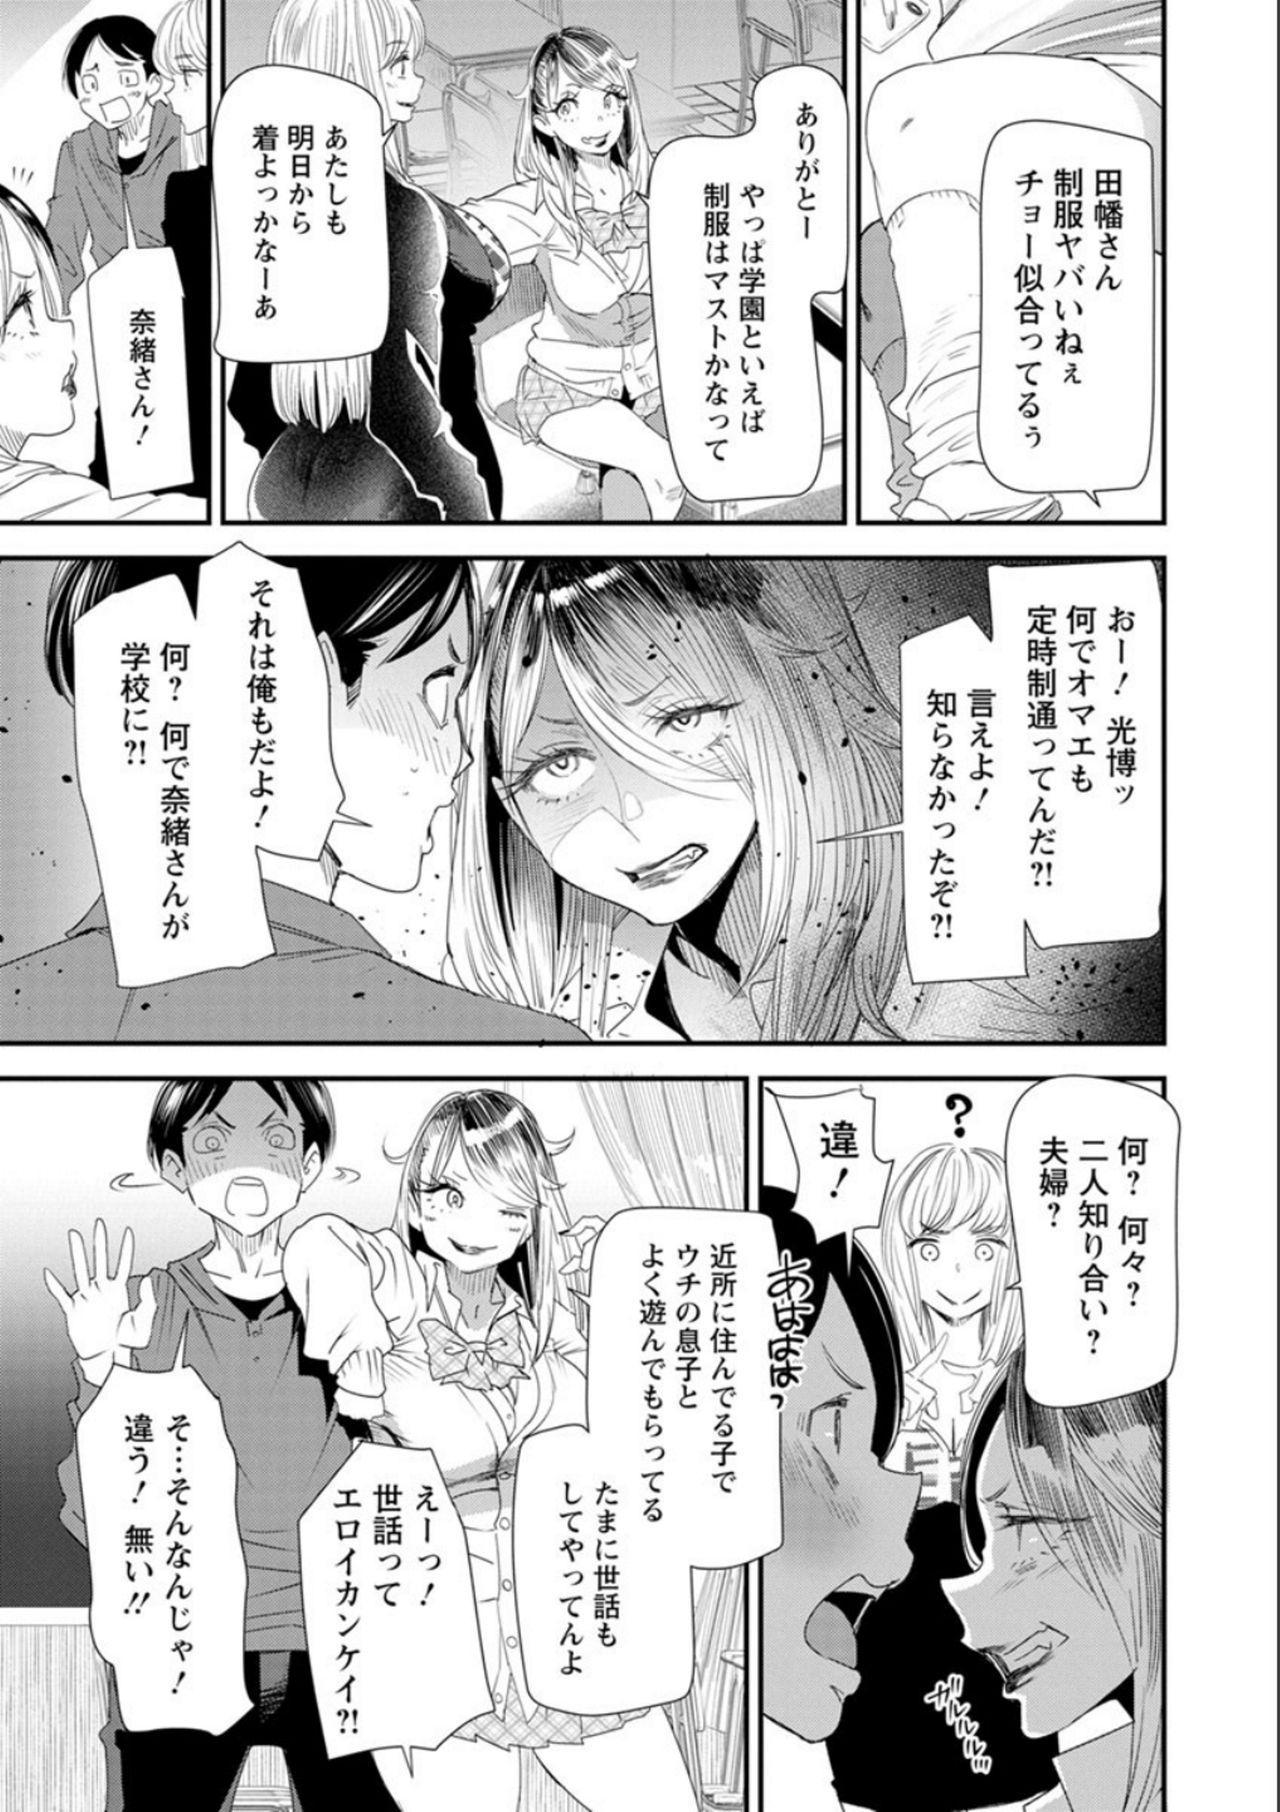 Nao's Secret 8